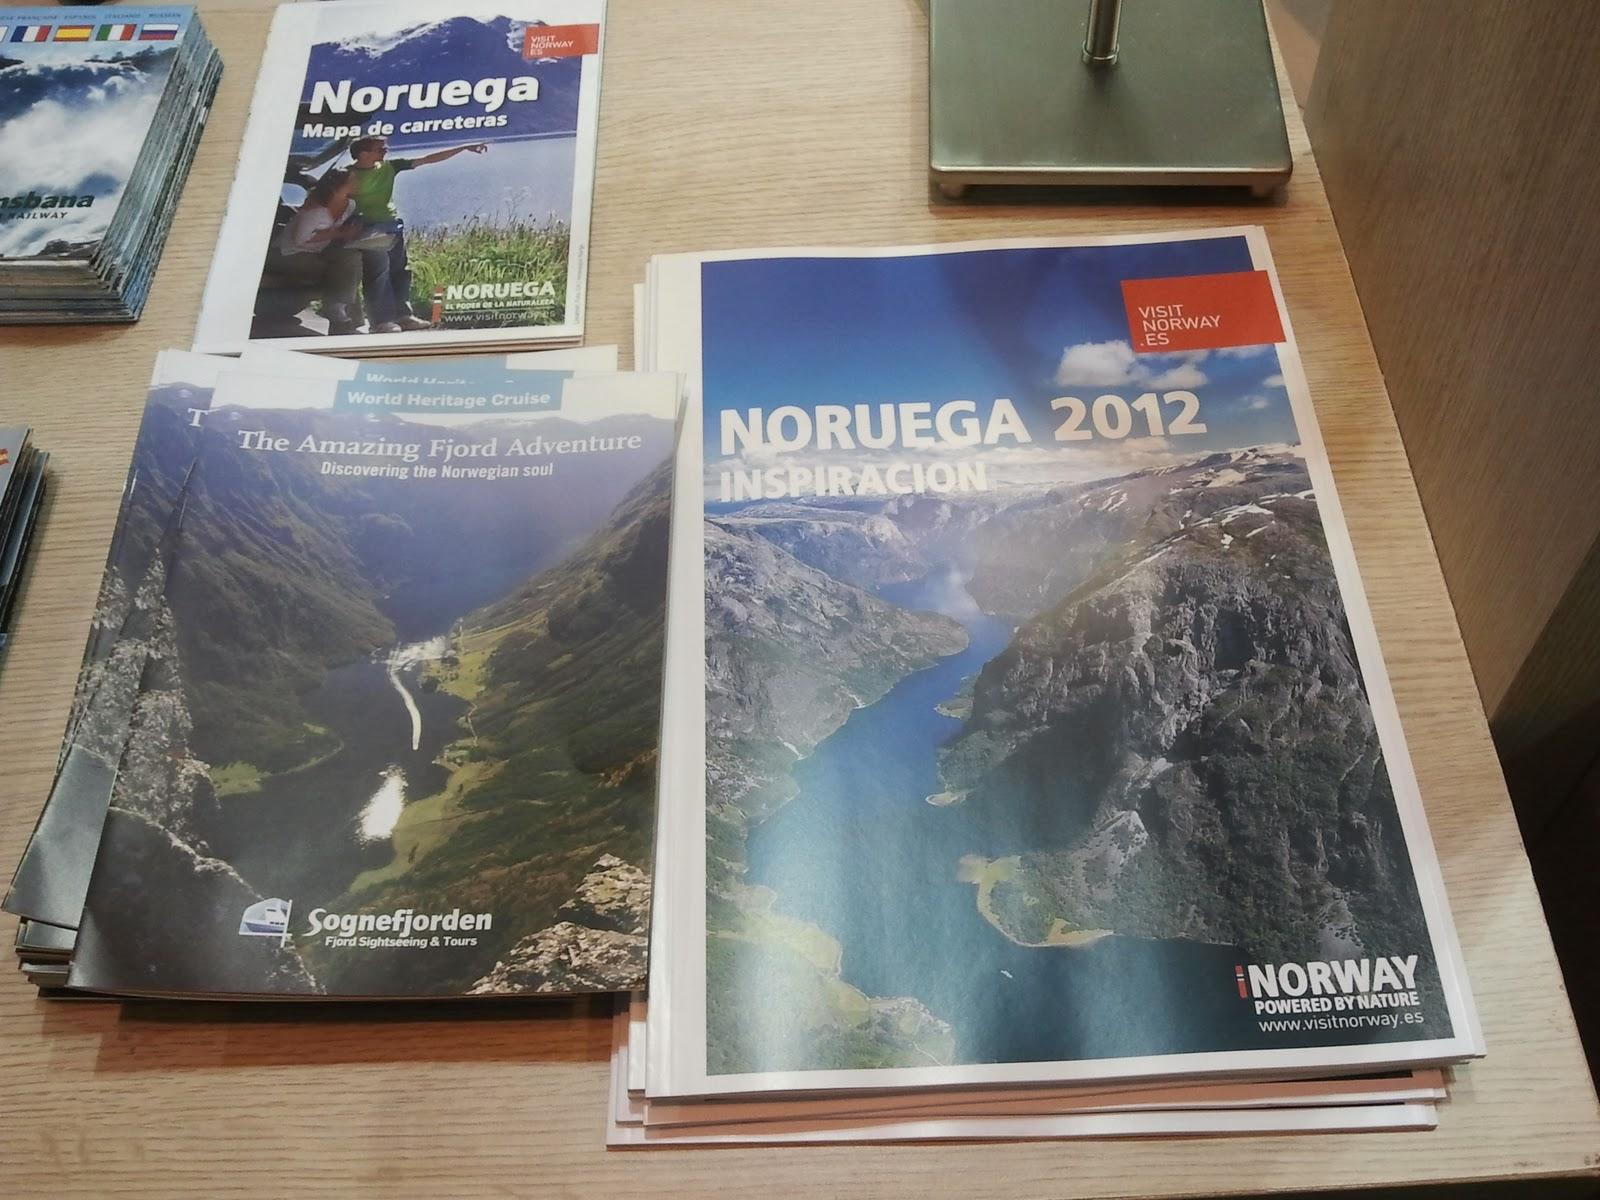 Bloggers vs oficinas de turismo la maleta de constanza for Oficina de turismo de noruega